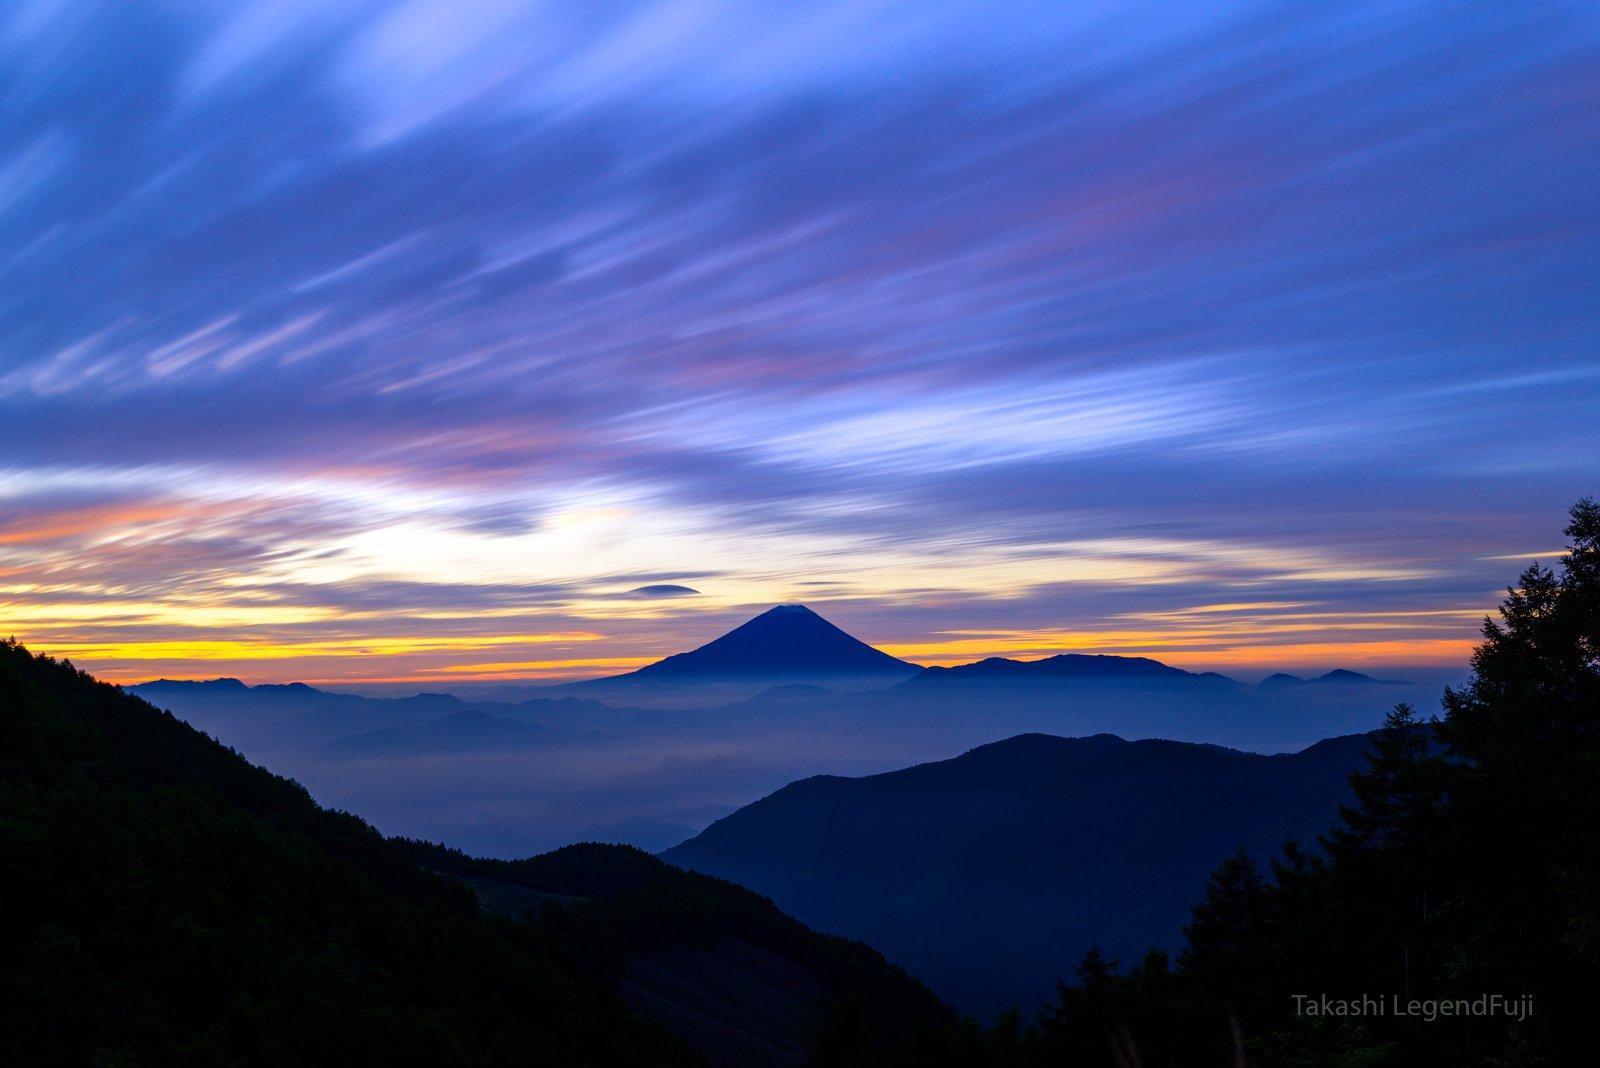 Fuji,mountain,Japan,red,blue,sky,cloud,morning glow,, Takashi